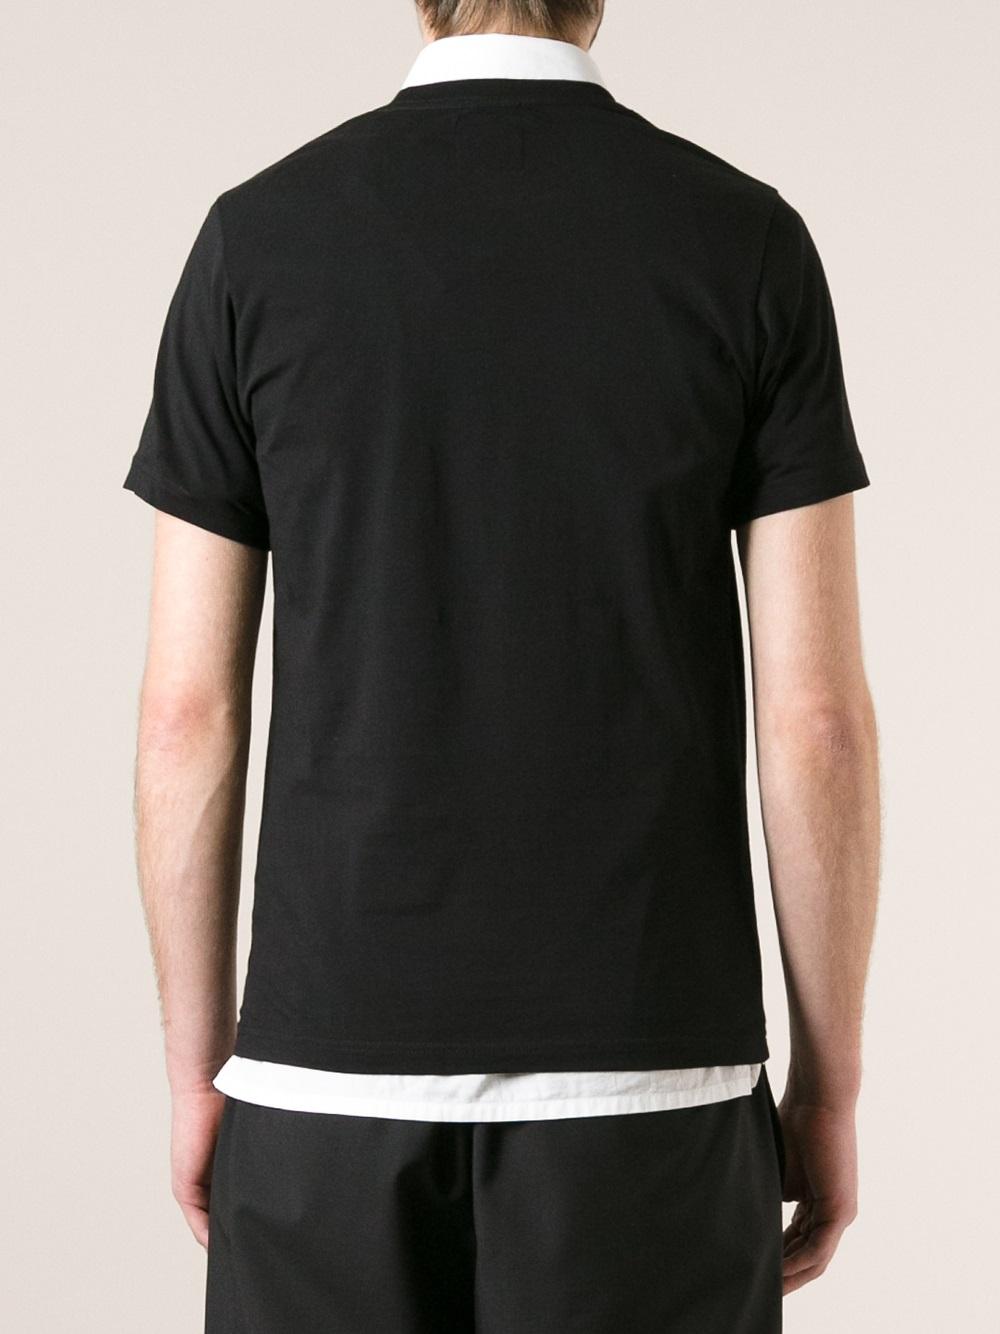 kenzo tiger tshirt in black for men lyst. Black Bedroom Furniture Sets. Home Design Ideas